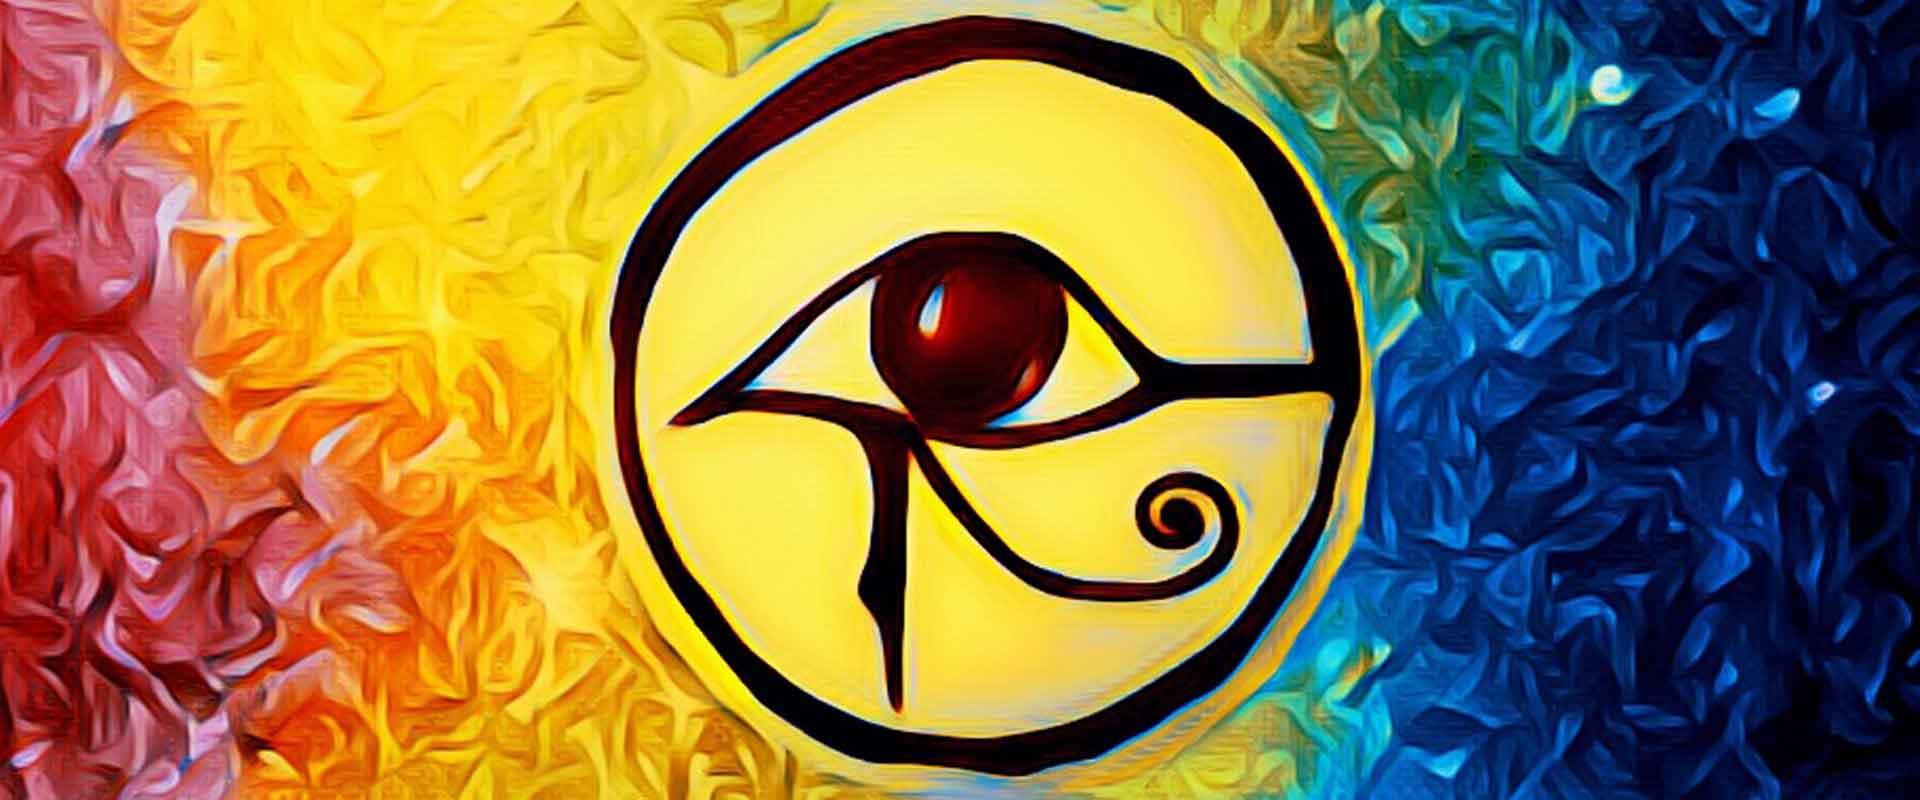 Masaje Gota de Lluvia Universo AmmA